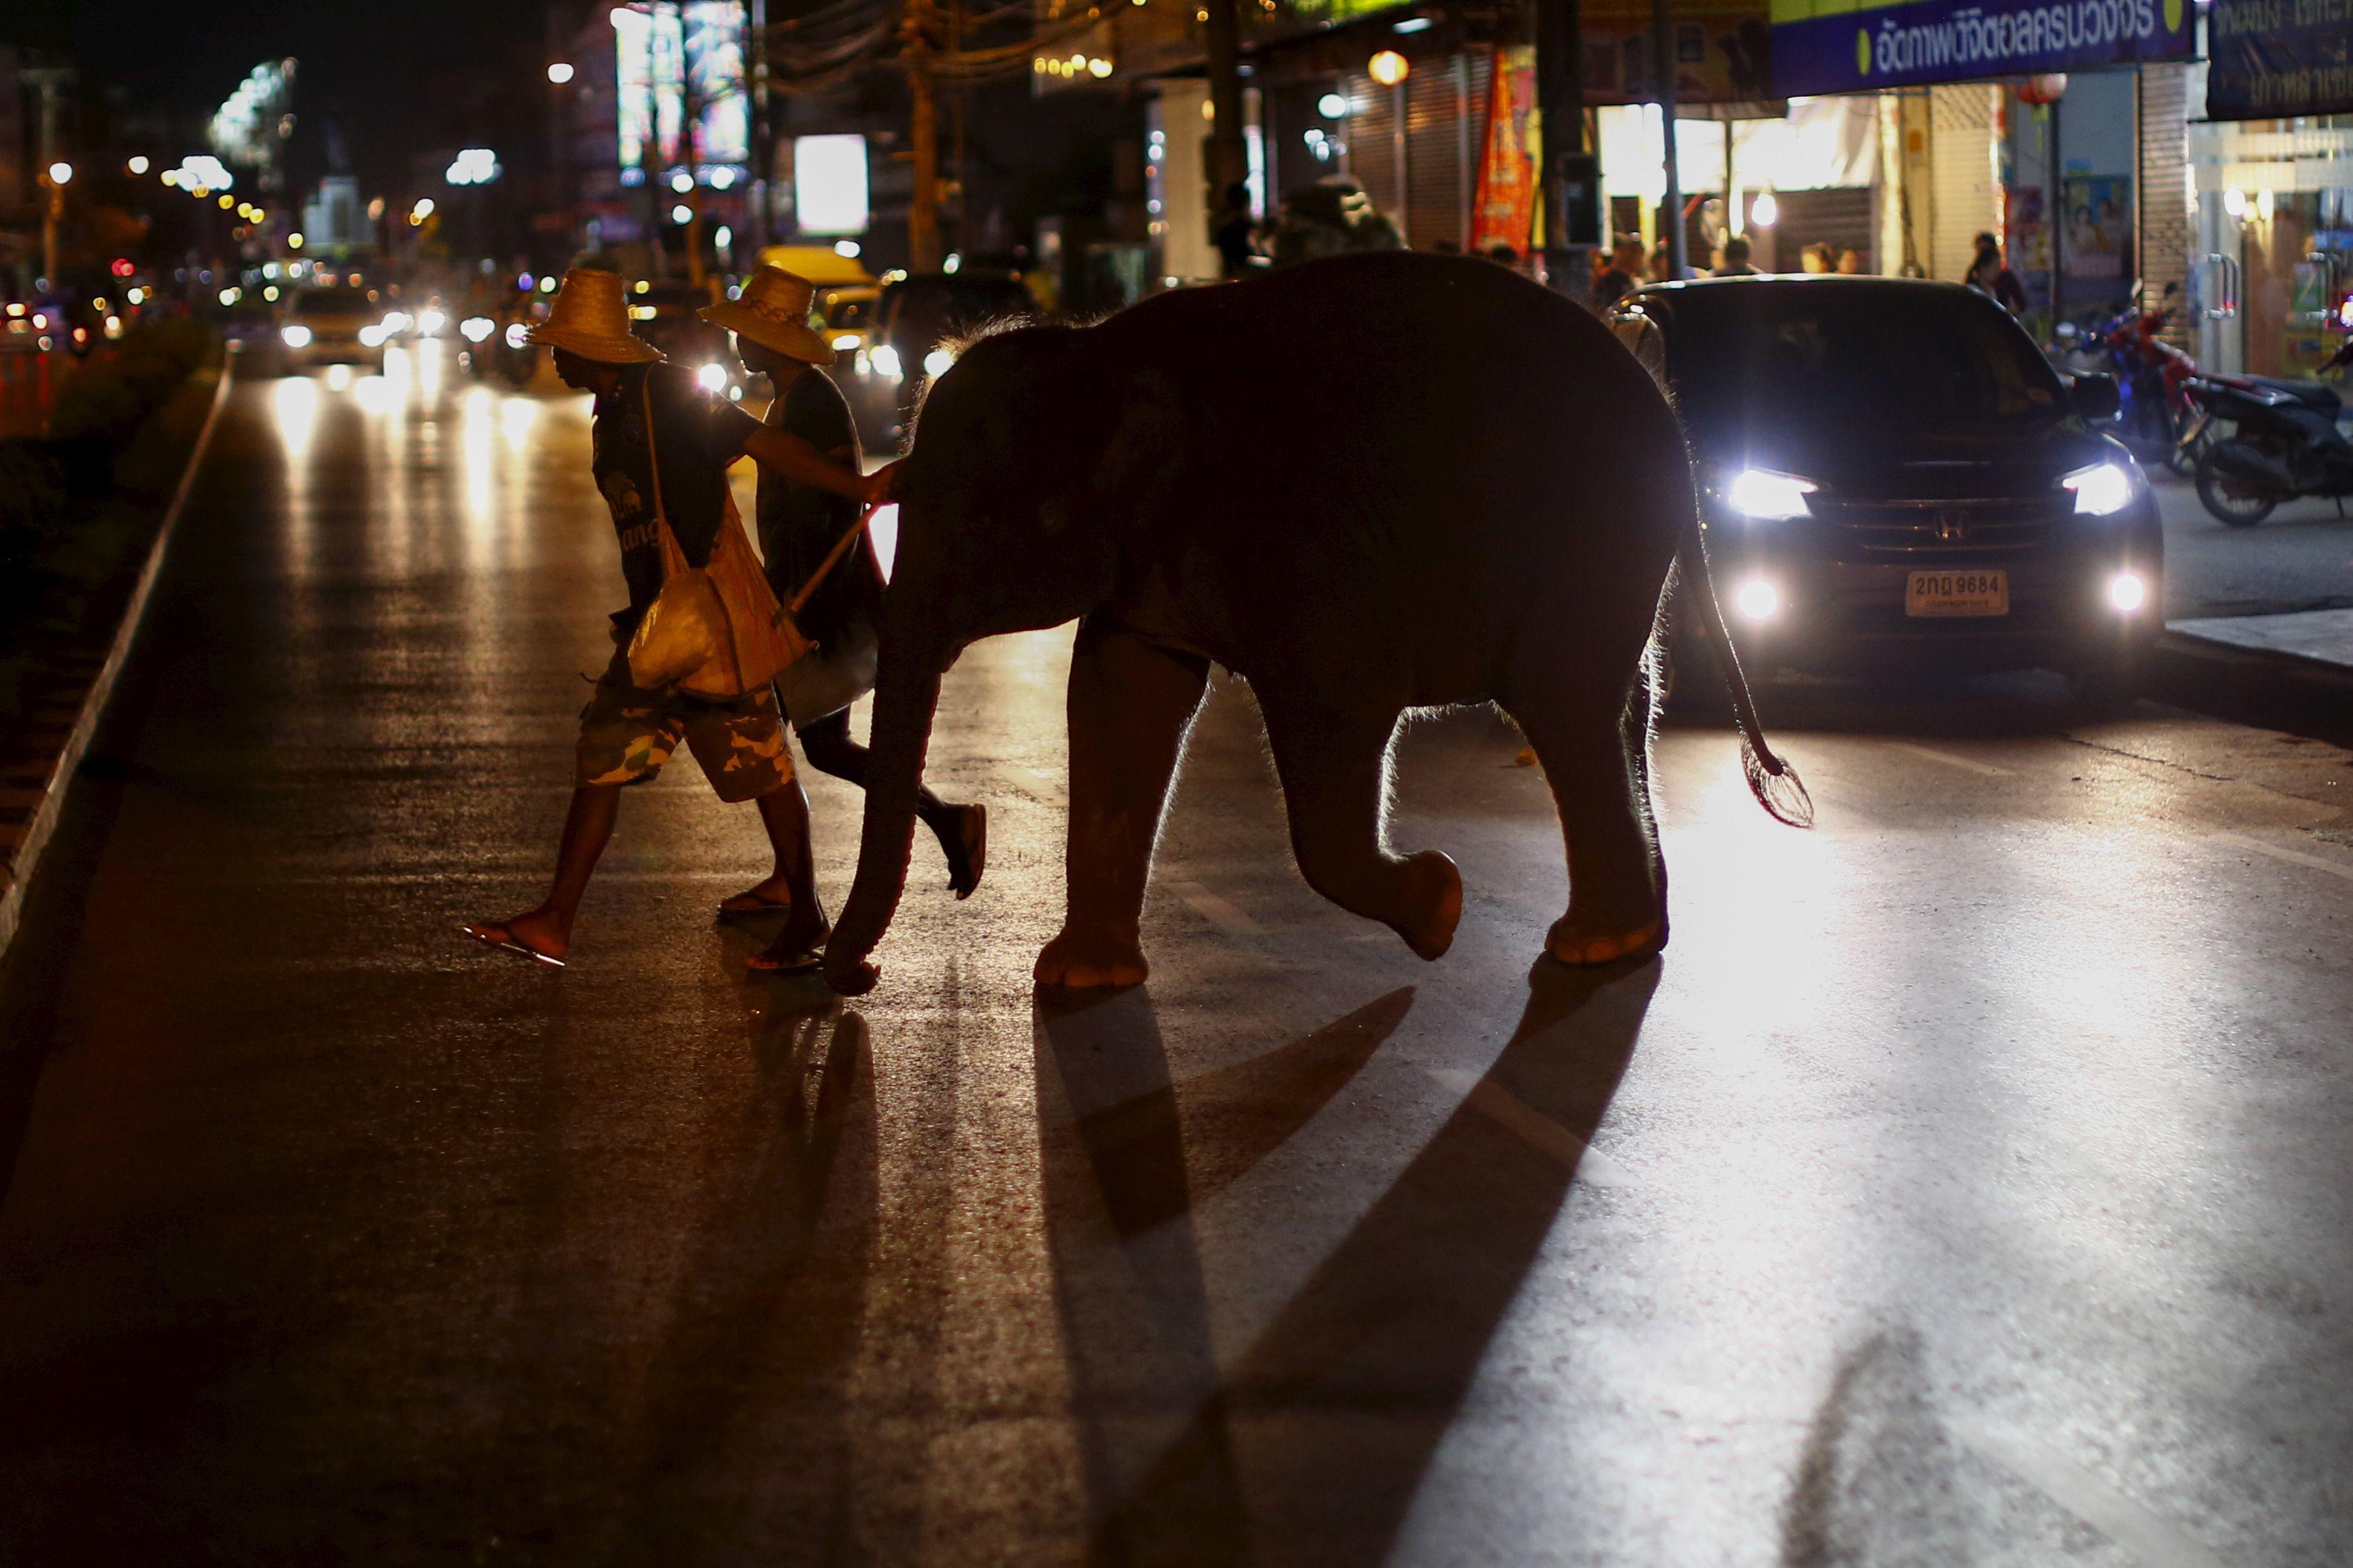 Ce zoo danois qui veut relâcher les éléphants dans la nature